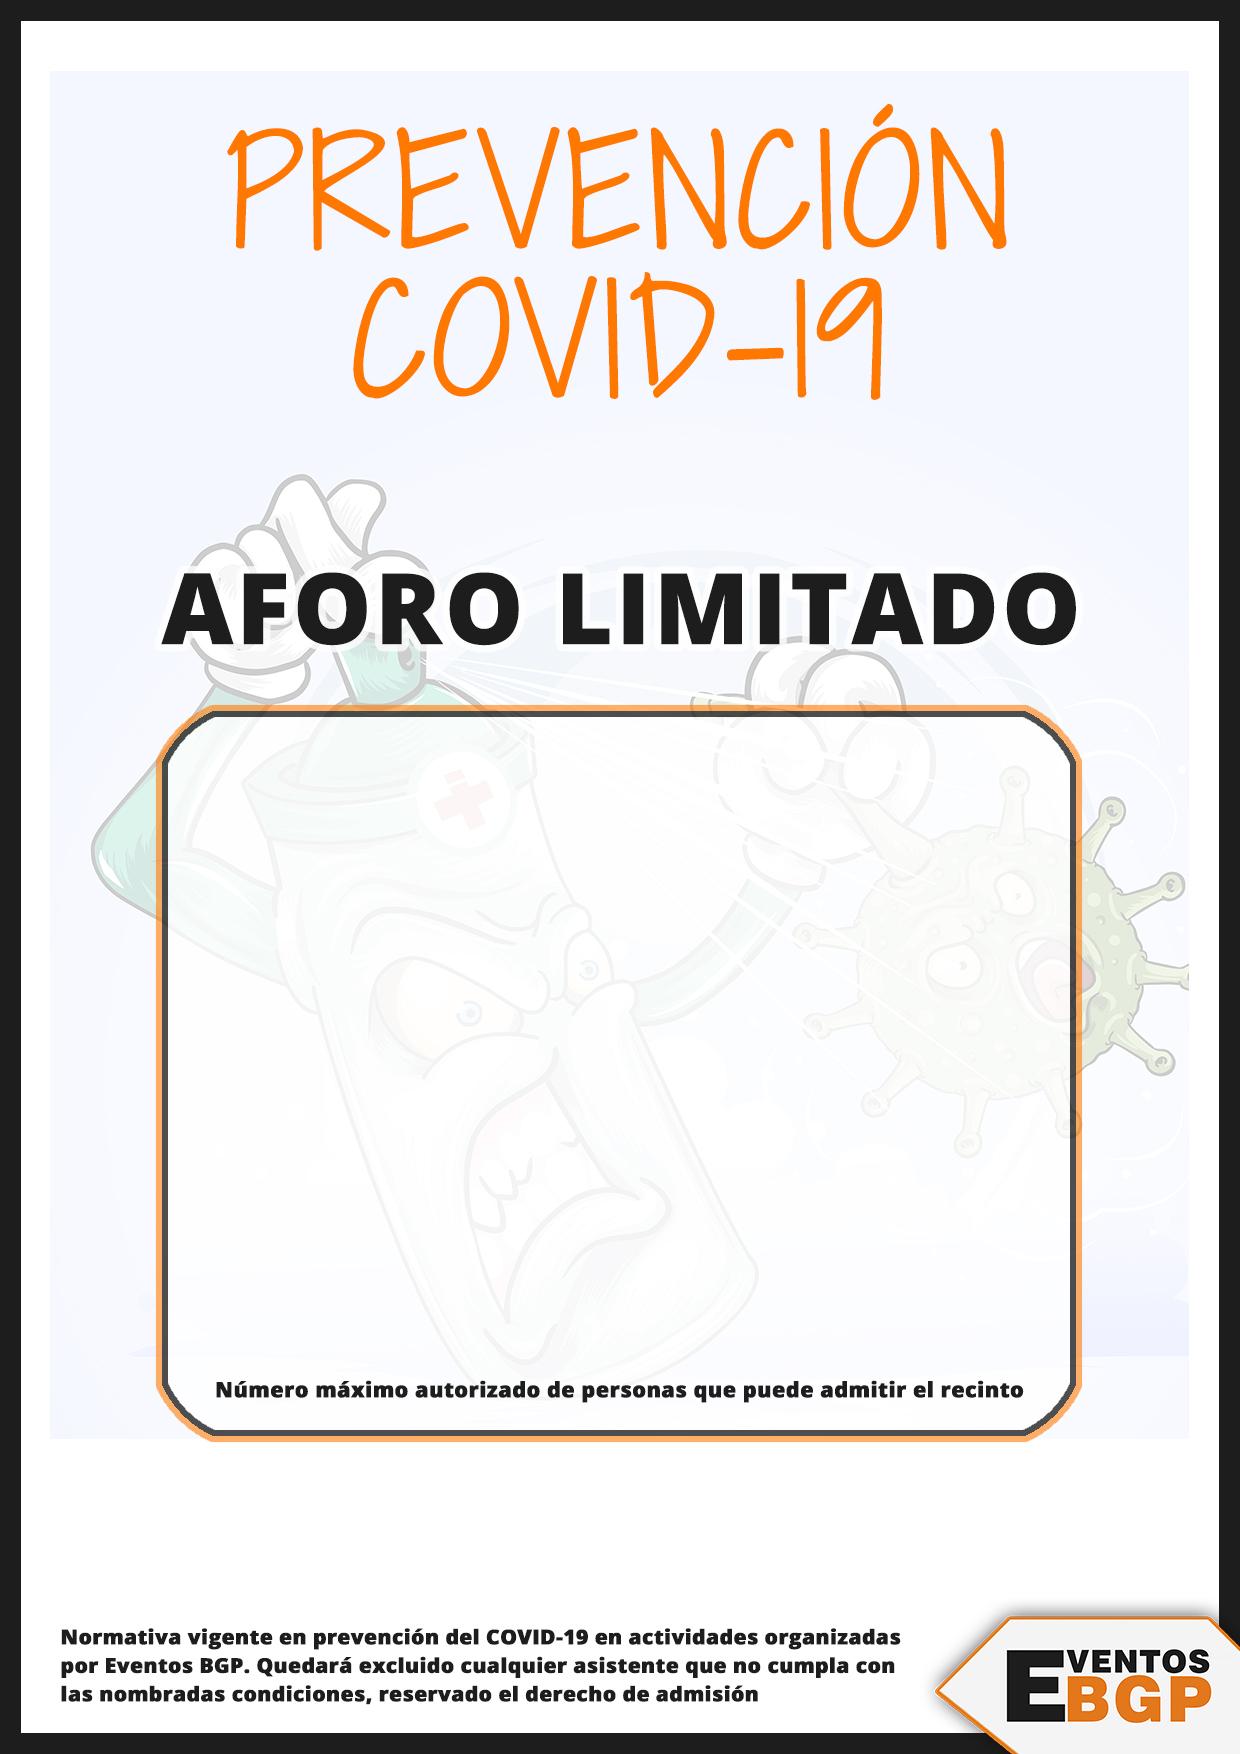 Medidas de prevención frente al COVID-19